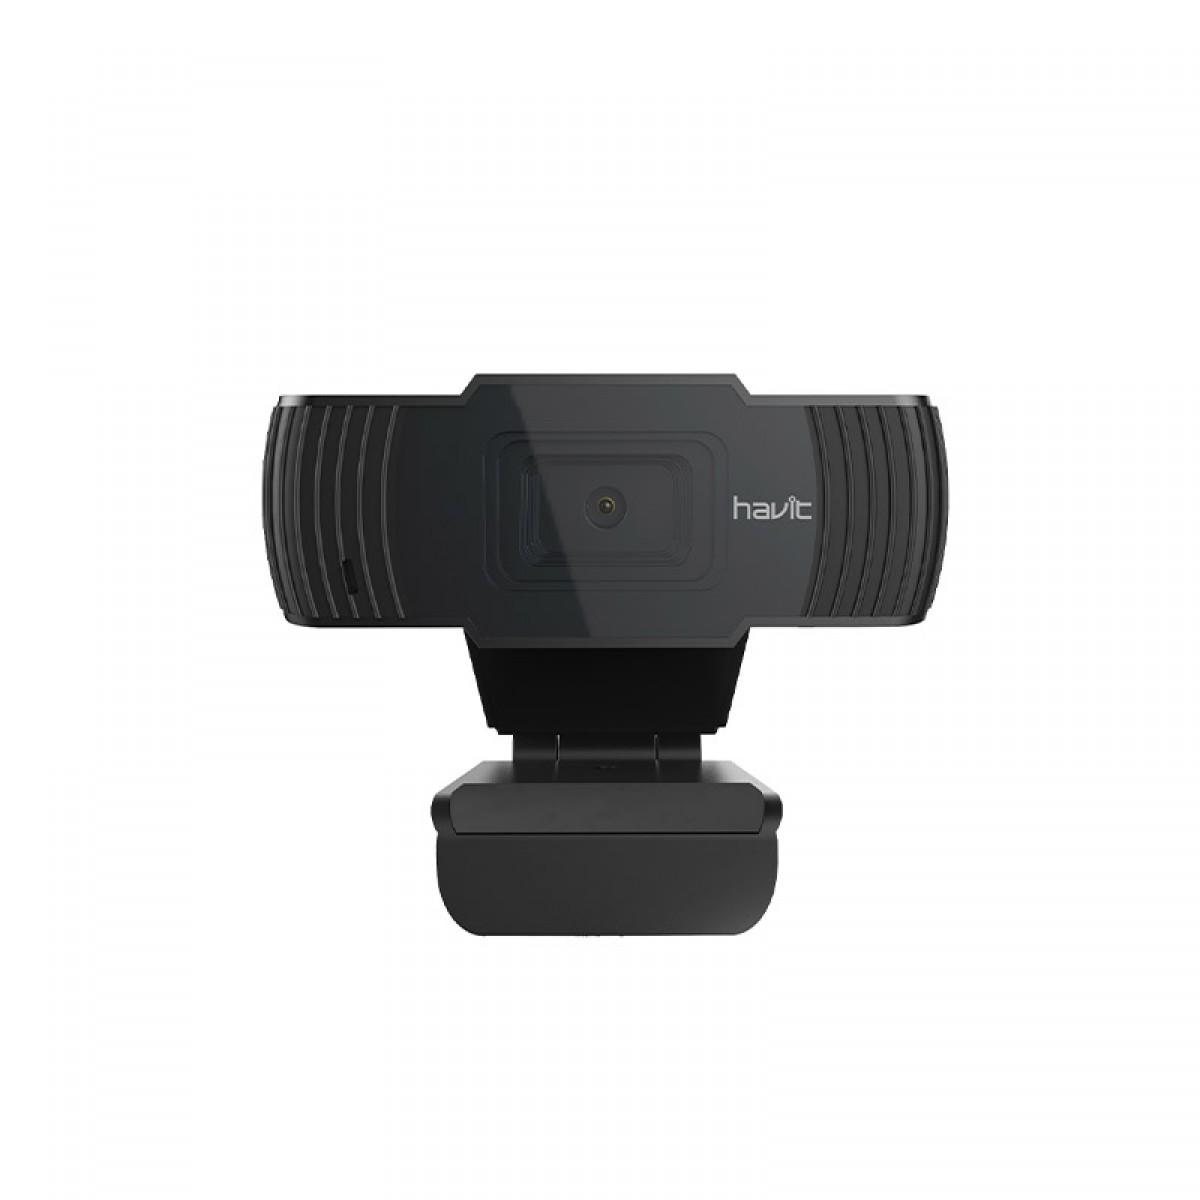 Webcam Havit HV-HN12G, Full HD 1080p, Microfone, HV-HN12G-BK